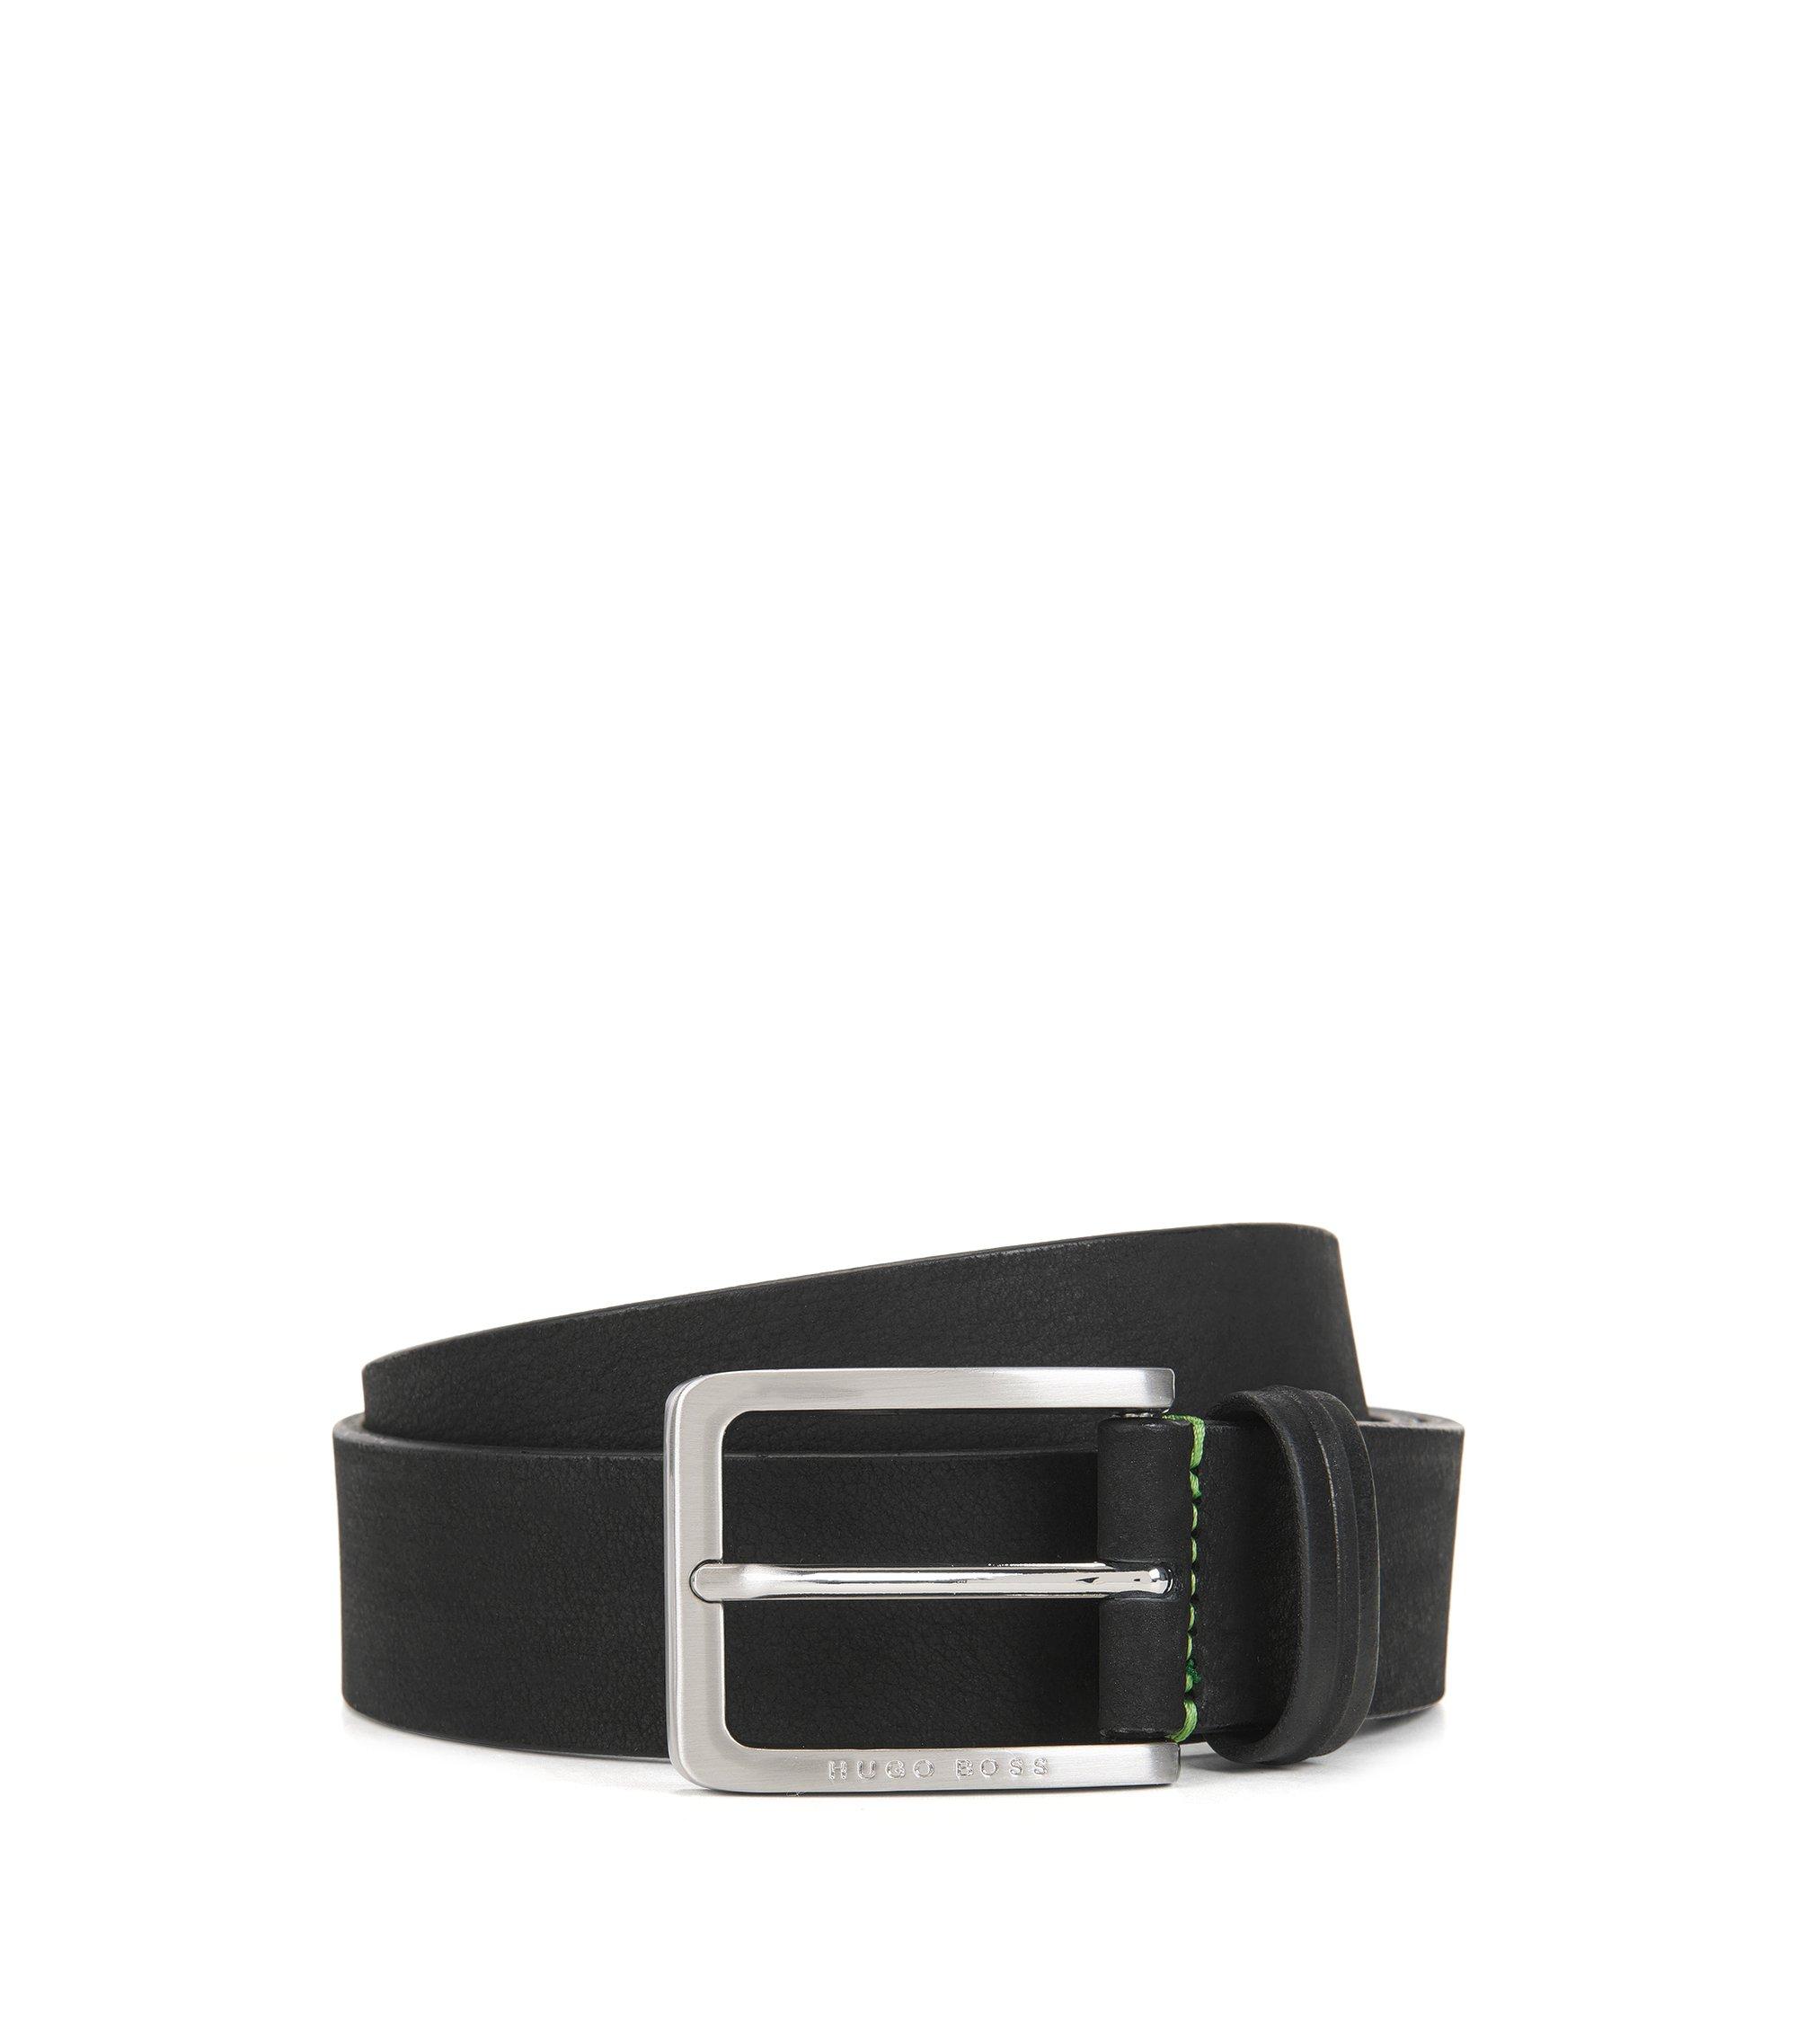 Cinturón en piel nobuk con hebilla, Negro